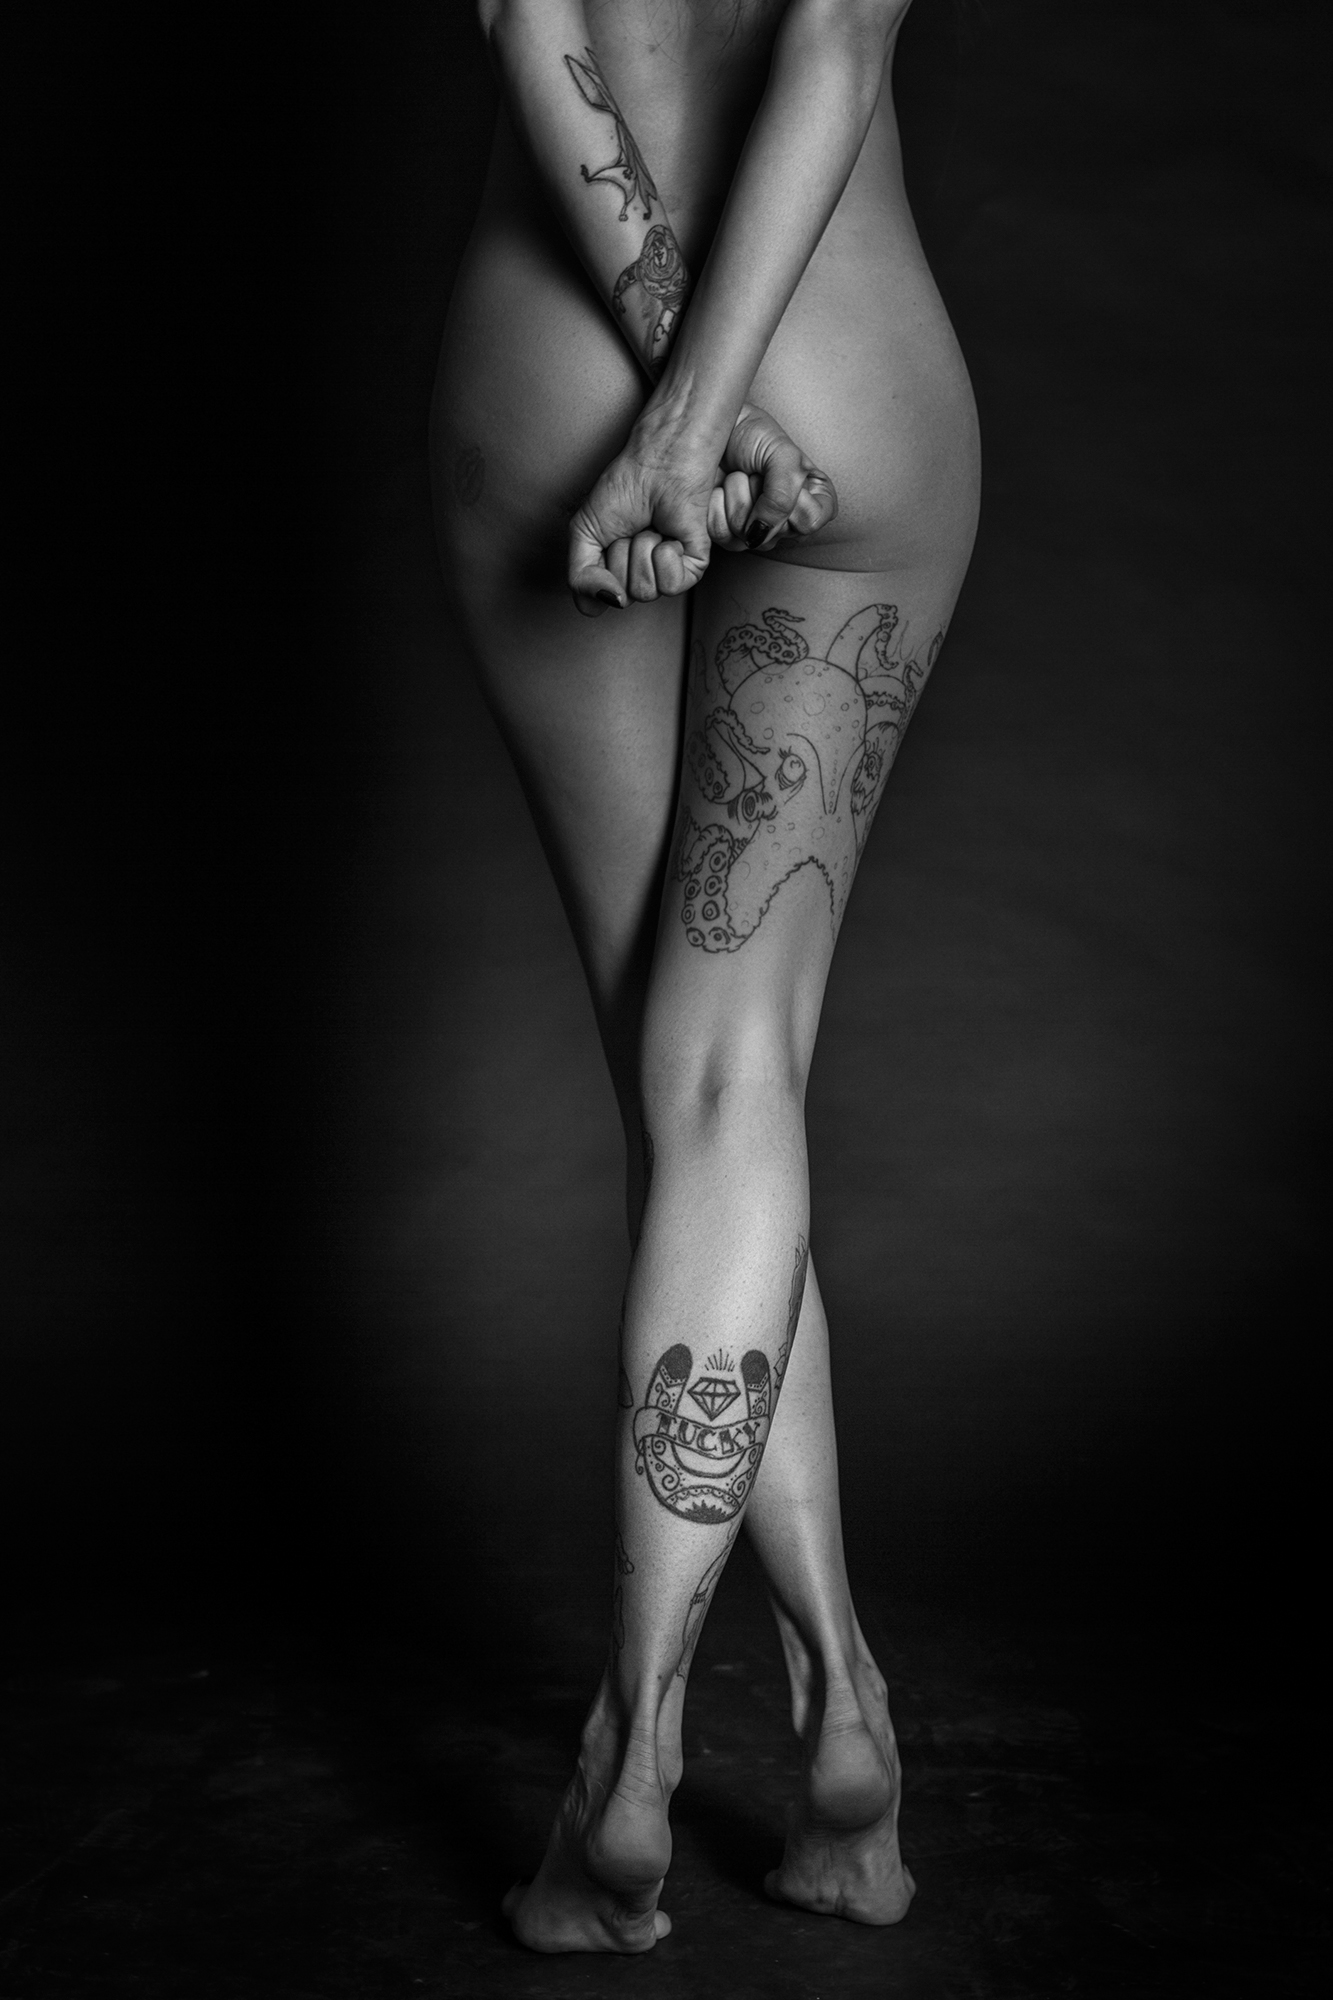 Plano medio, blanco y negro. PIernas y culo de modelo, vista de espaldas. Piernas cruzadas y puños, sobre el culo, apretados.